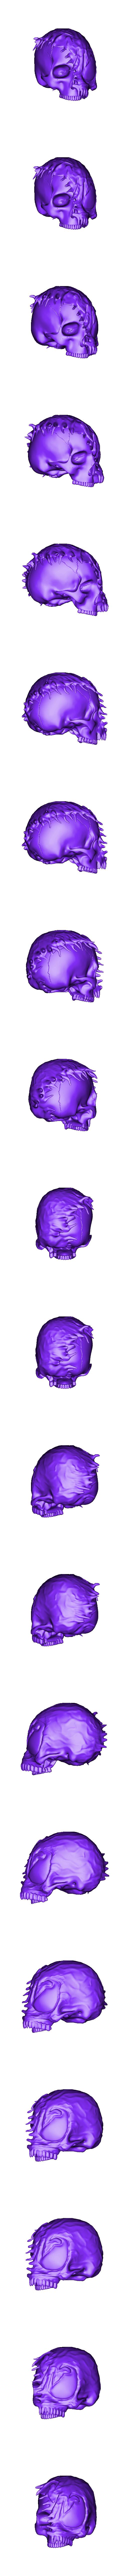 VENOM SKULL V2.stl Download STL file VENOM SKULL V2 • Model to 3D print, SKULLHILL